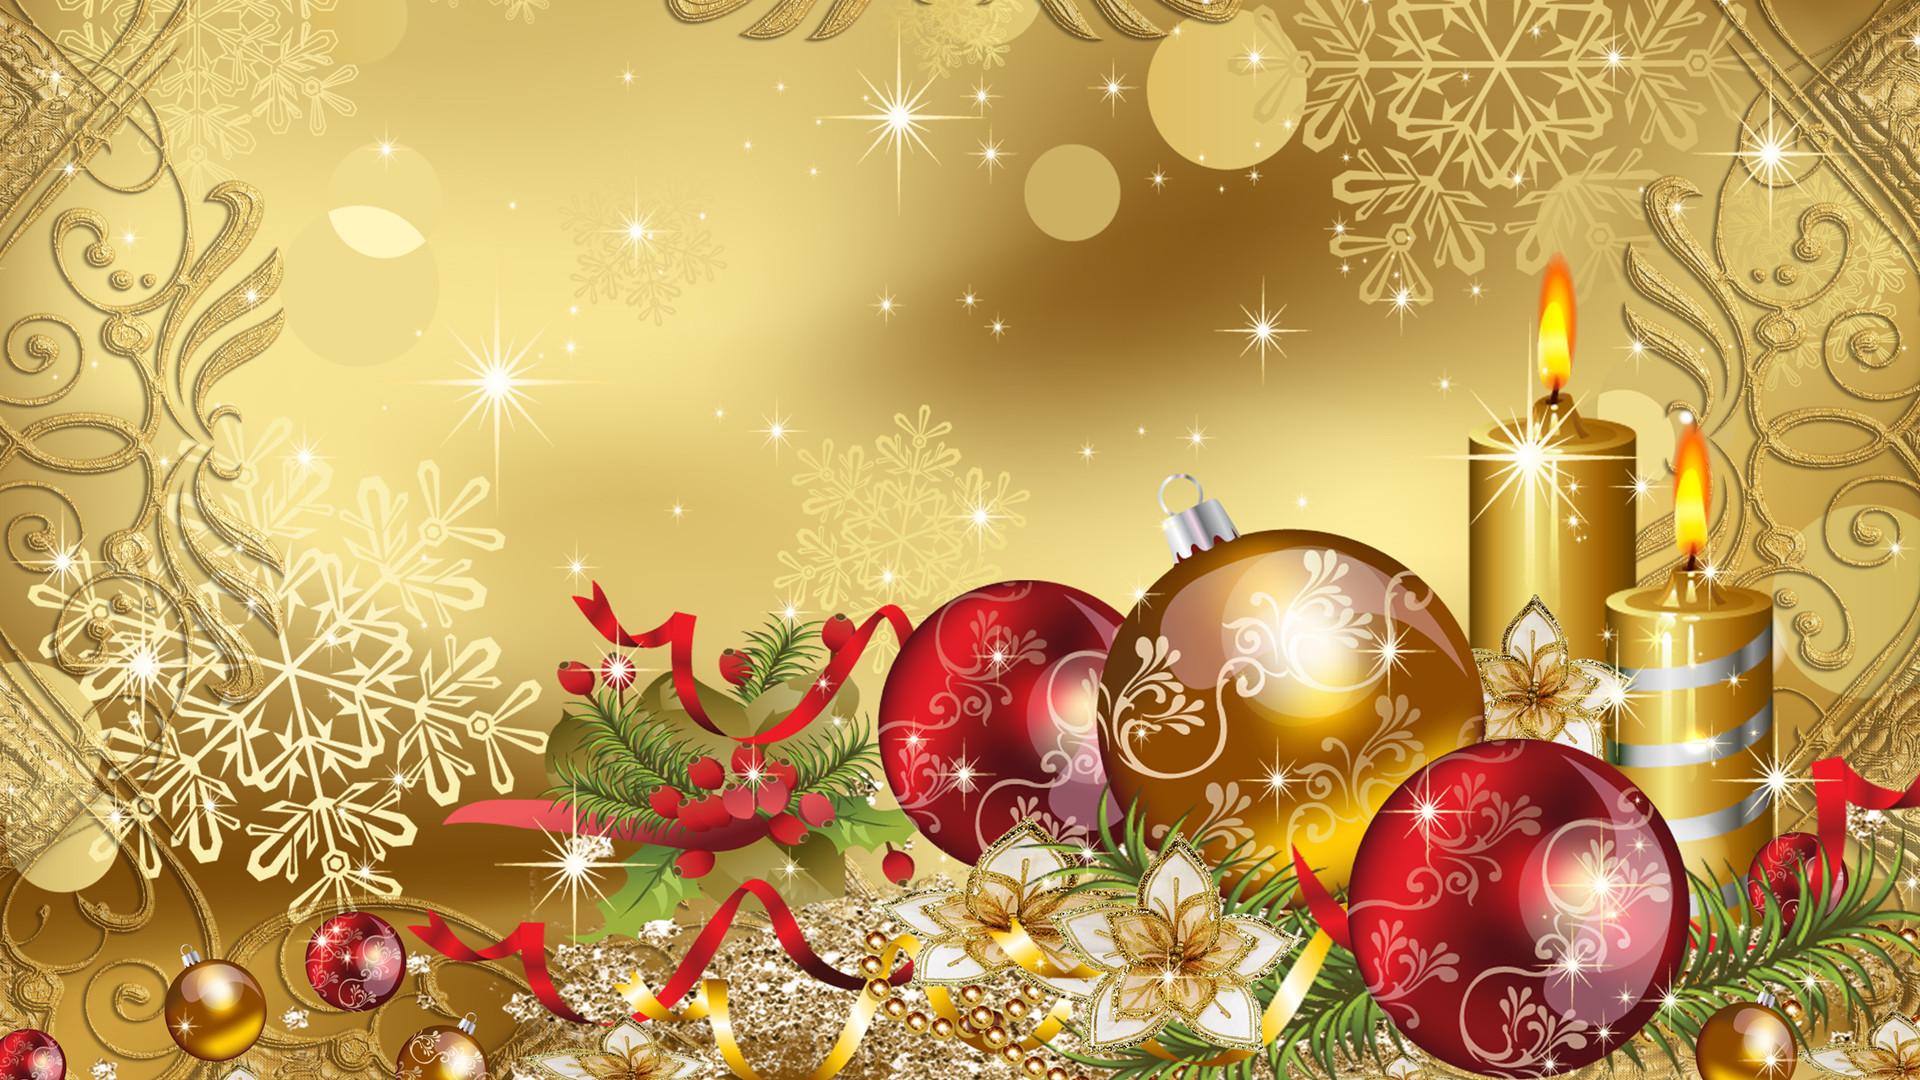 … wallpapers christmas wishes; fond d écran de noÃ«l gratuit pour  téléphone android hd …